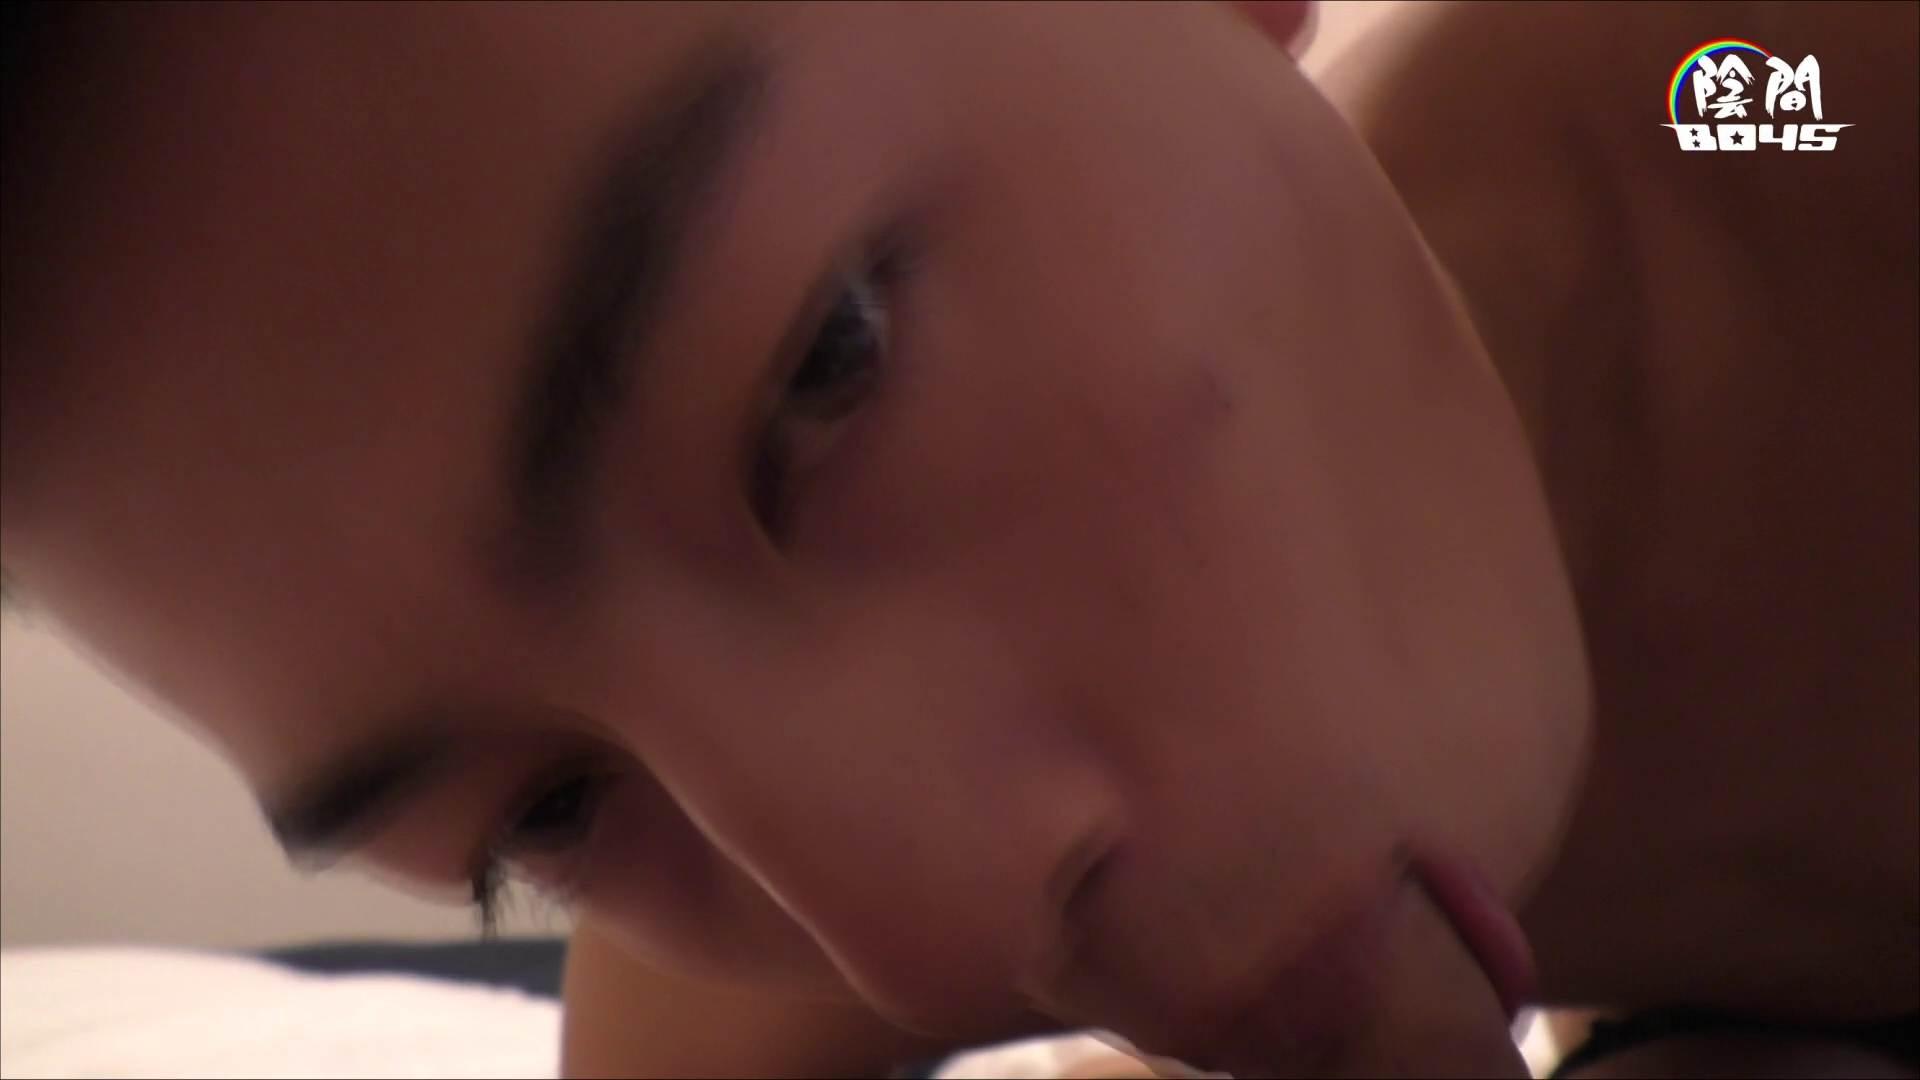 「君のアナルは」part2 ~ノンケの素顔~ Vol.06 手コキ | 三ツ星盗撮 AV動画 69pic 33